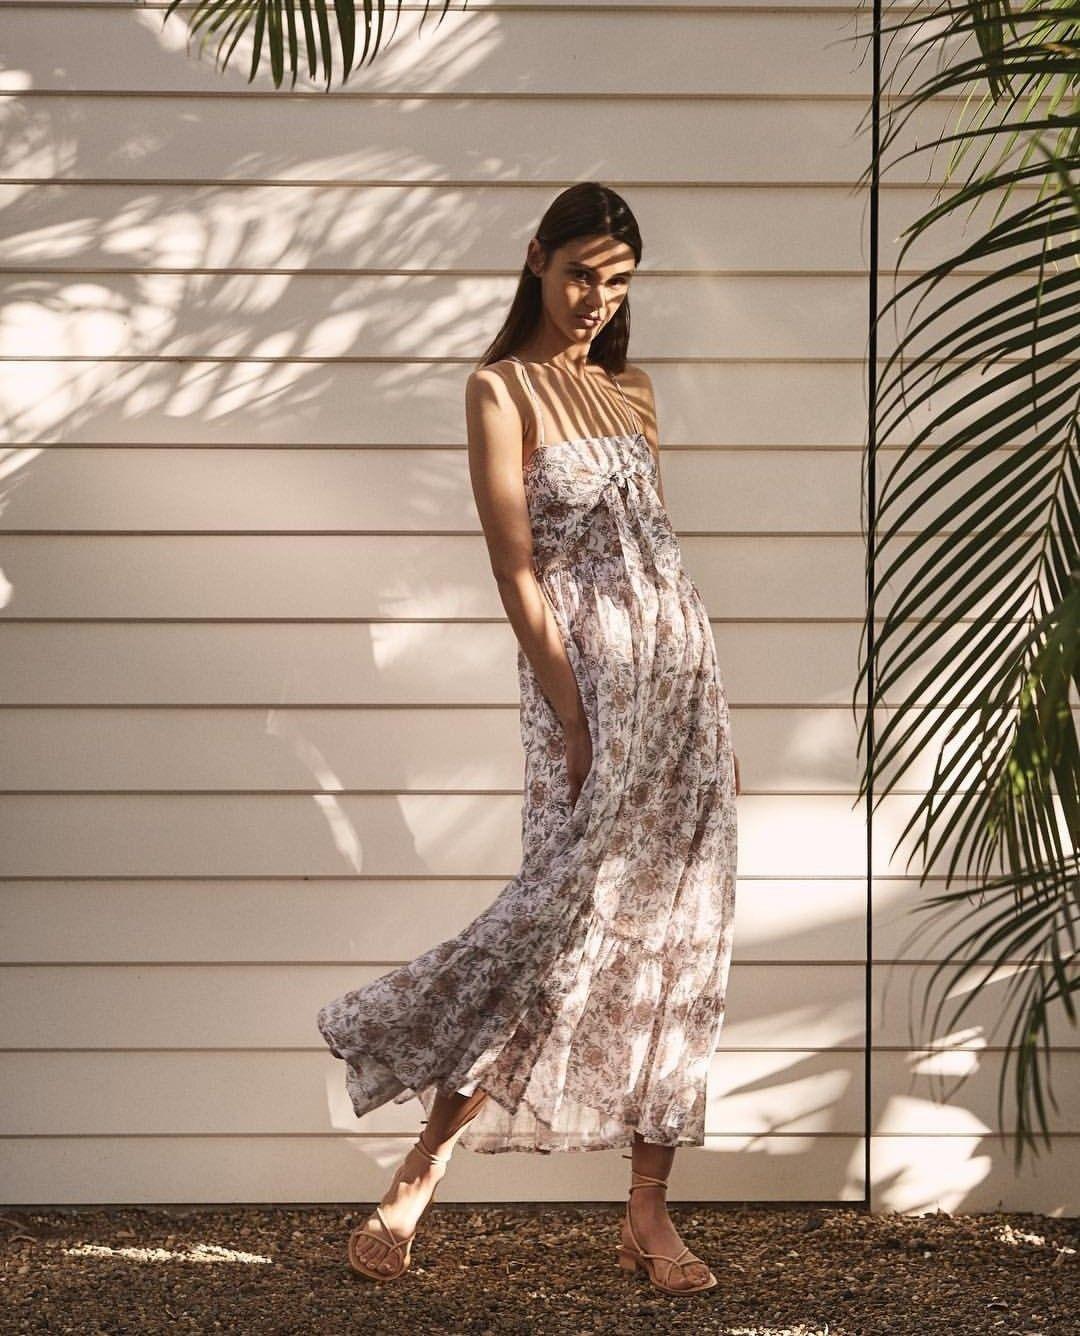 Pin By Michael Delkanic On Boho Fashion Dresses White Maxi Dresses Maxi Dress